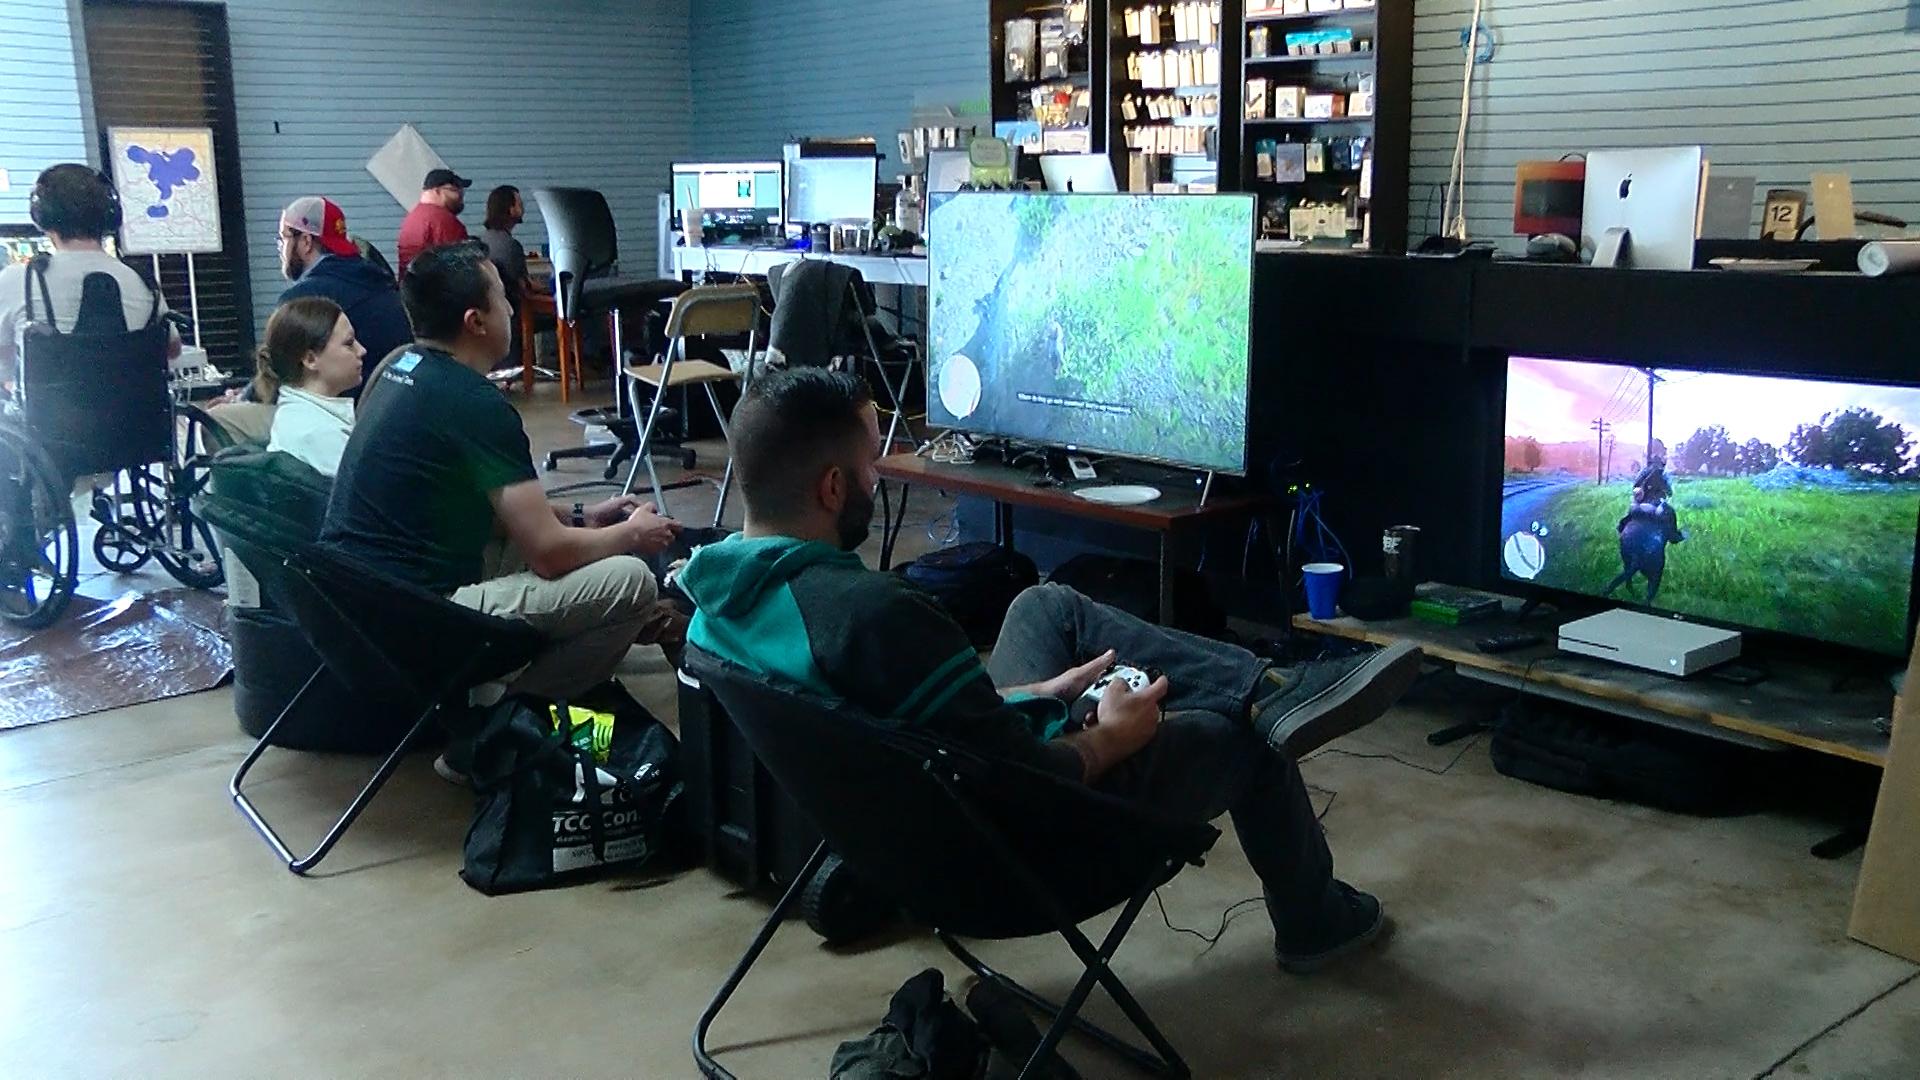 gaming marathon_1541889435678.jpg.jpg